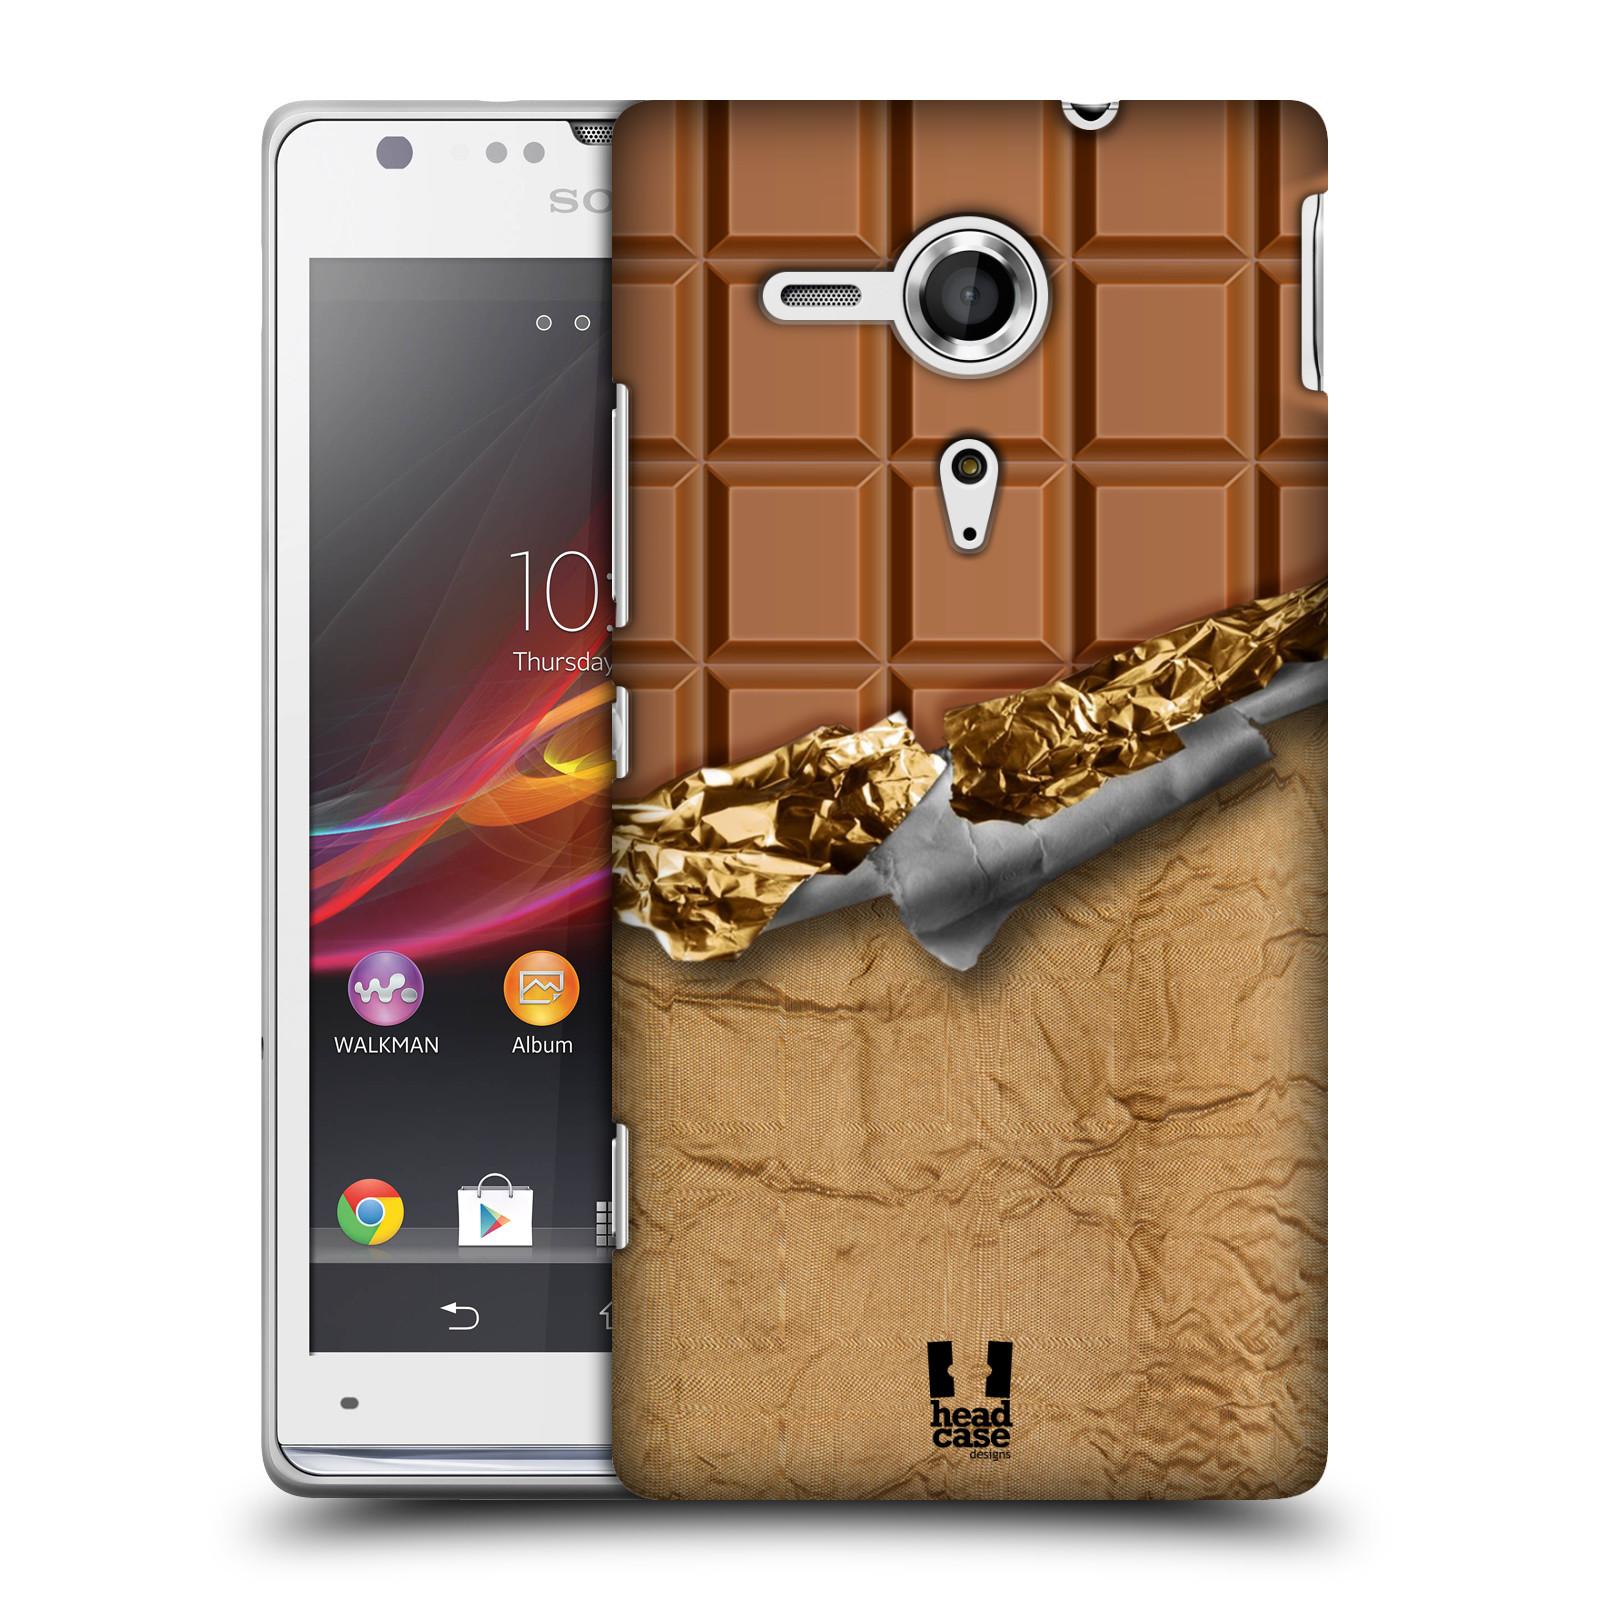 Plastové pouzdro na mobil Sony Xperia SP C5303 HEAD CASE ČOKOFOILED (Kryt či obal na mobilní telefon Sony Xperia SP )